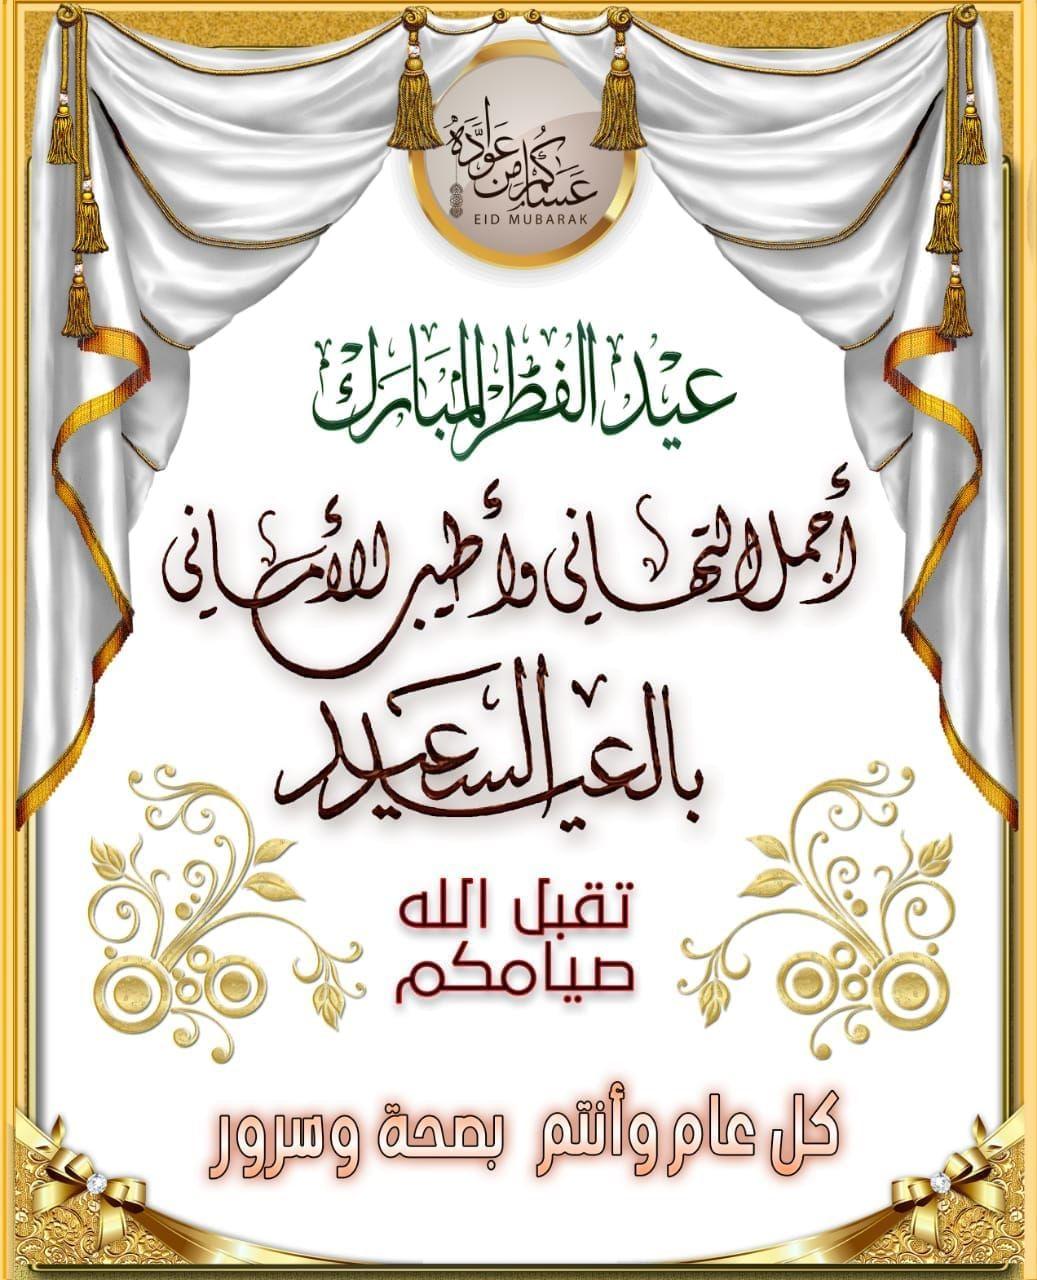 عيد مبارك Eid Mubarak Stickers Eid Stickers Eid Greetings